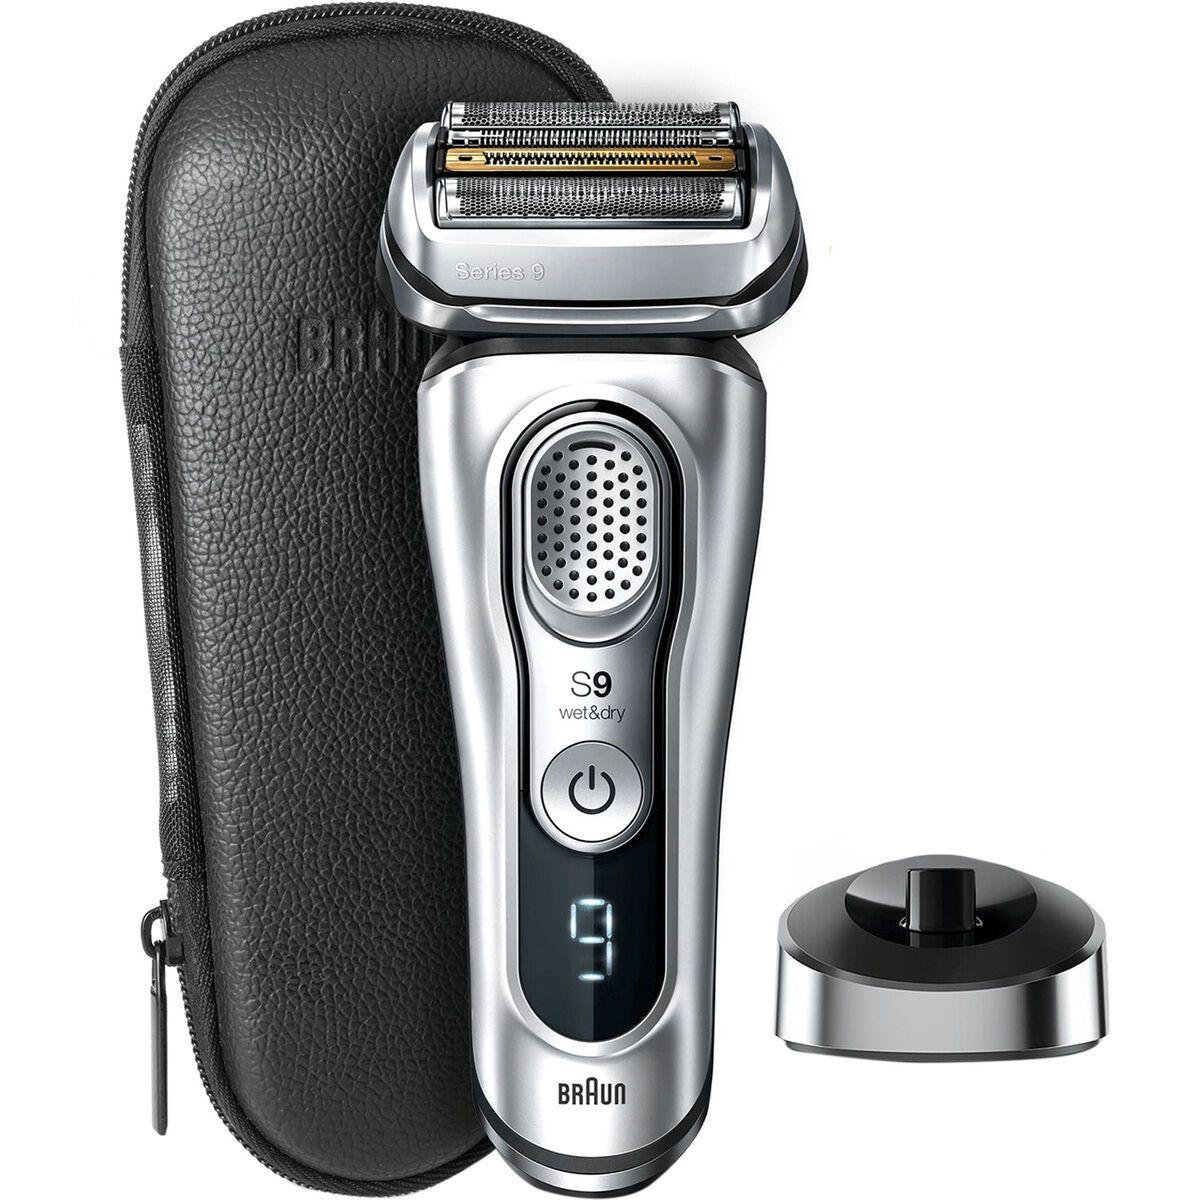 Braun Series 9 9359s Elektrischer Rasierer mit 20% längerer Akku-Laufzeit, Premium Edition in silber, Ladestation, Leder-Etui, Wet&Dry